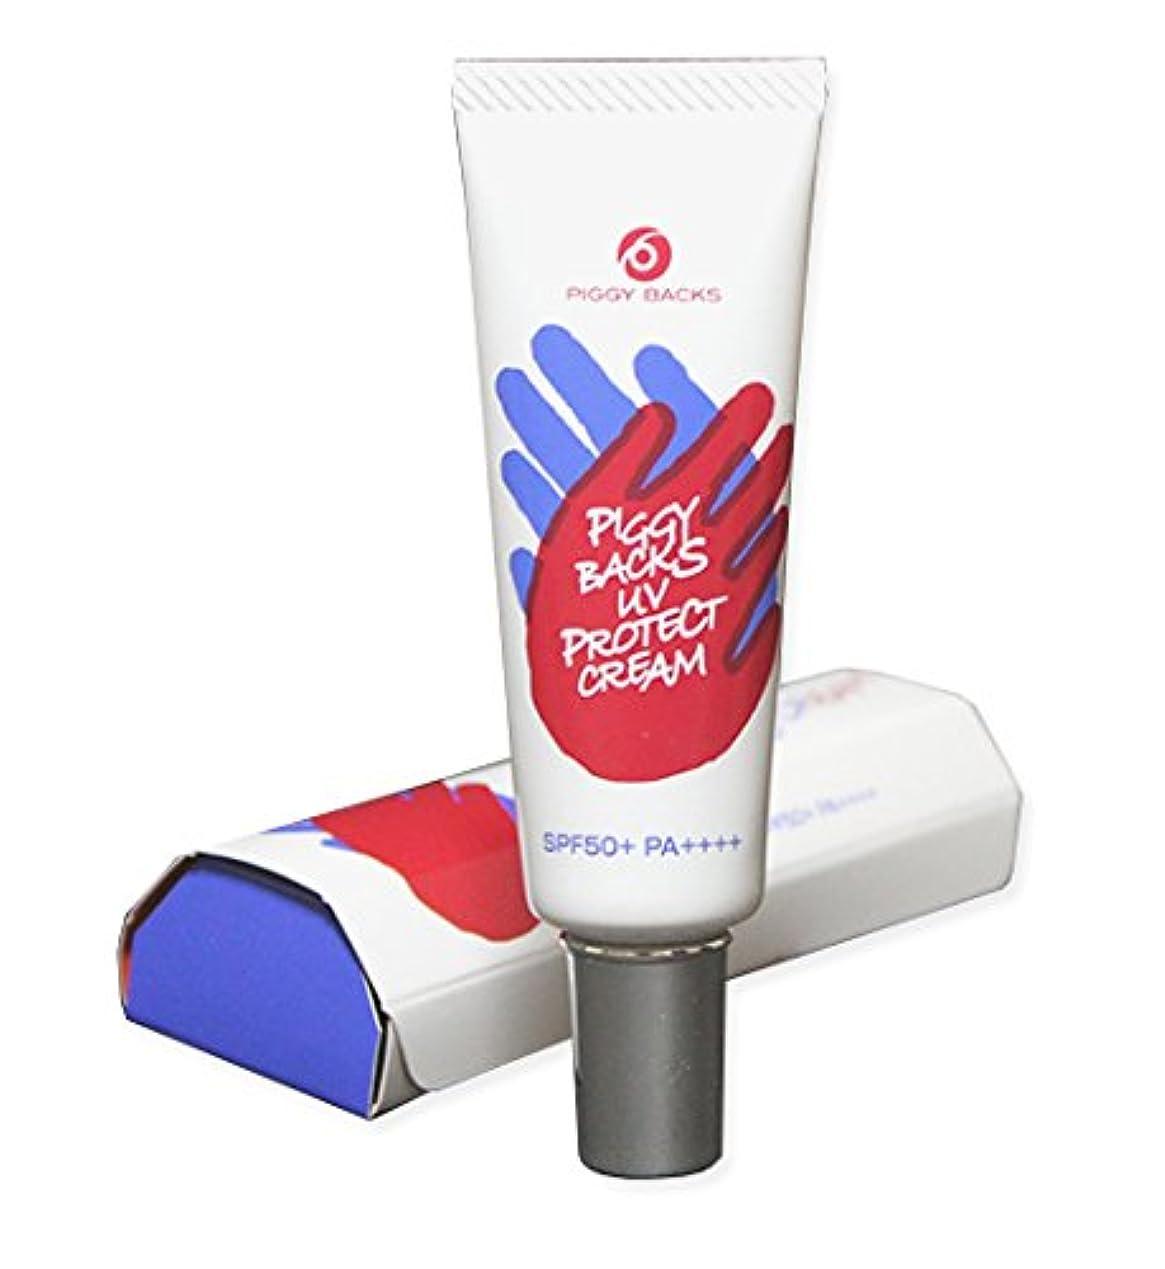 コマンドデンプシー高くピギーバックス UVプロテクトクリーム【SPF50+、PA++++】国内最高紫外線防御力なのにノンケミカルを実現!塗り直しがいらない日焼け止めクリーム